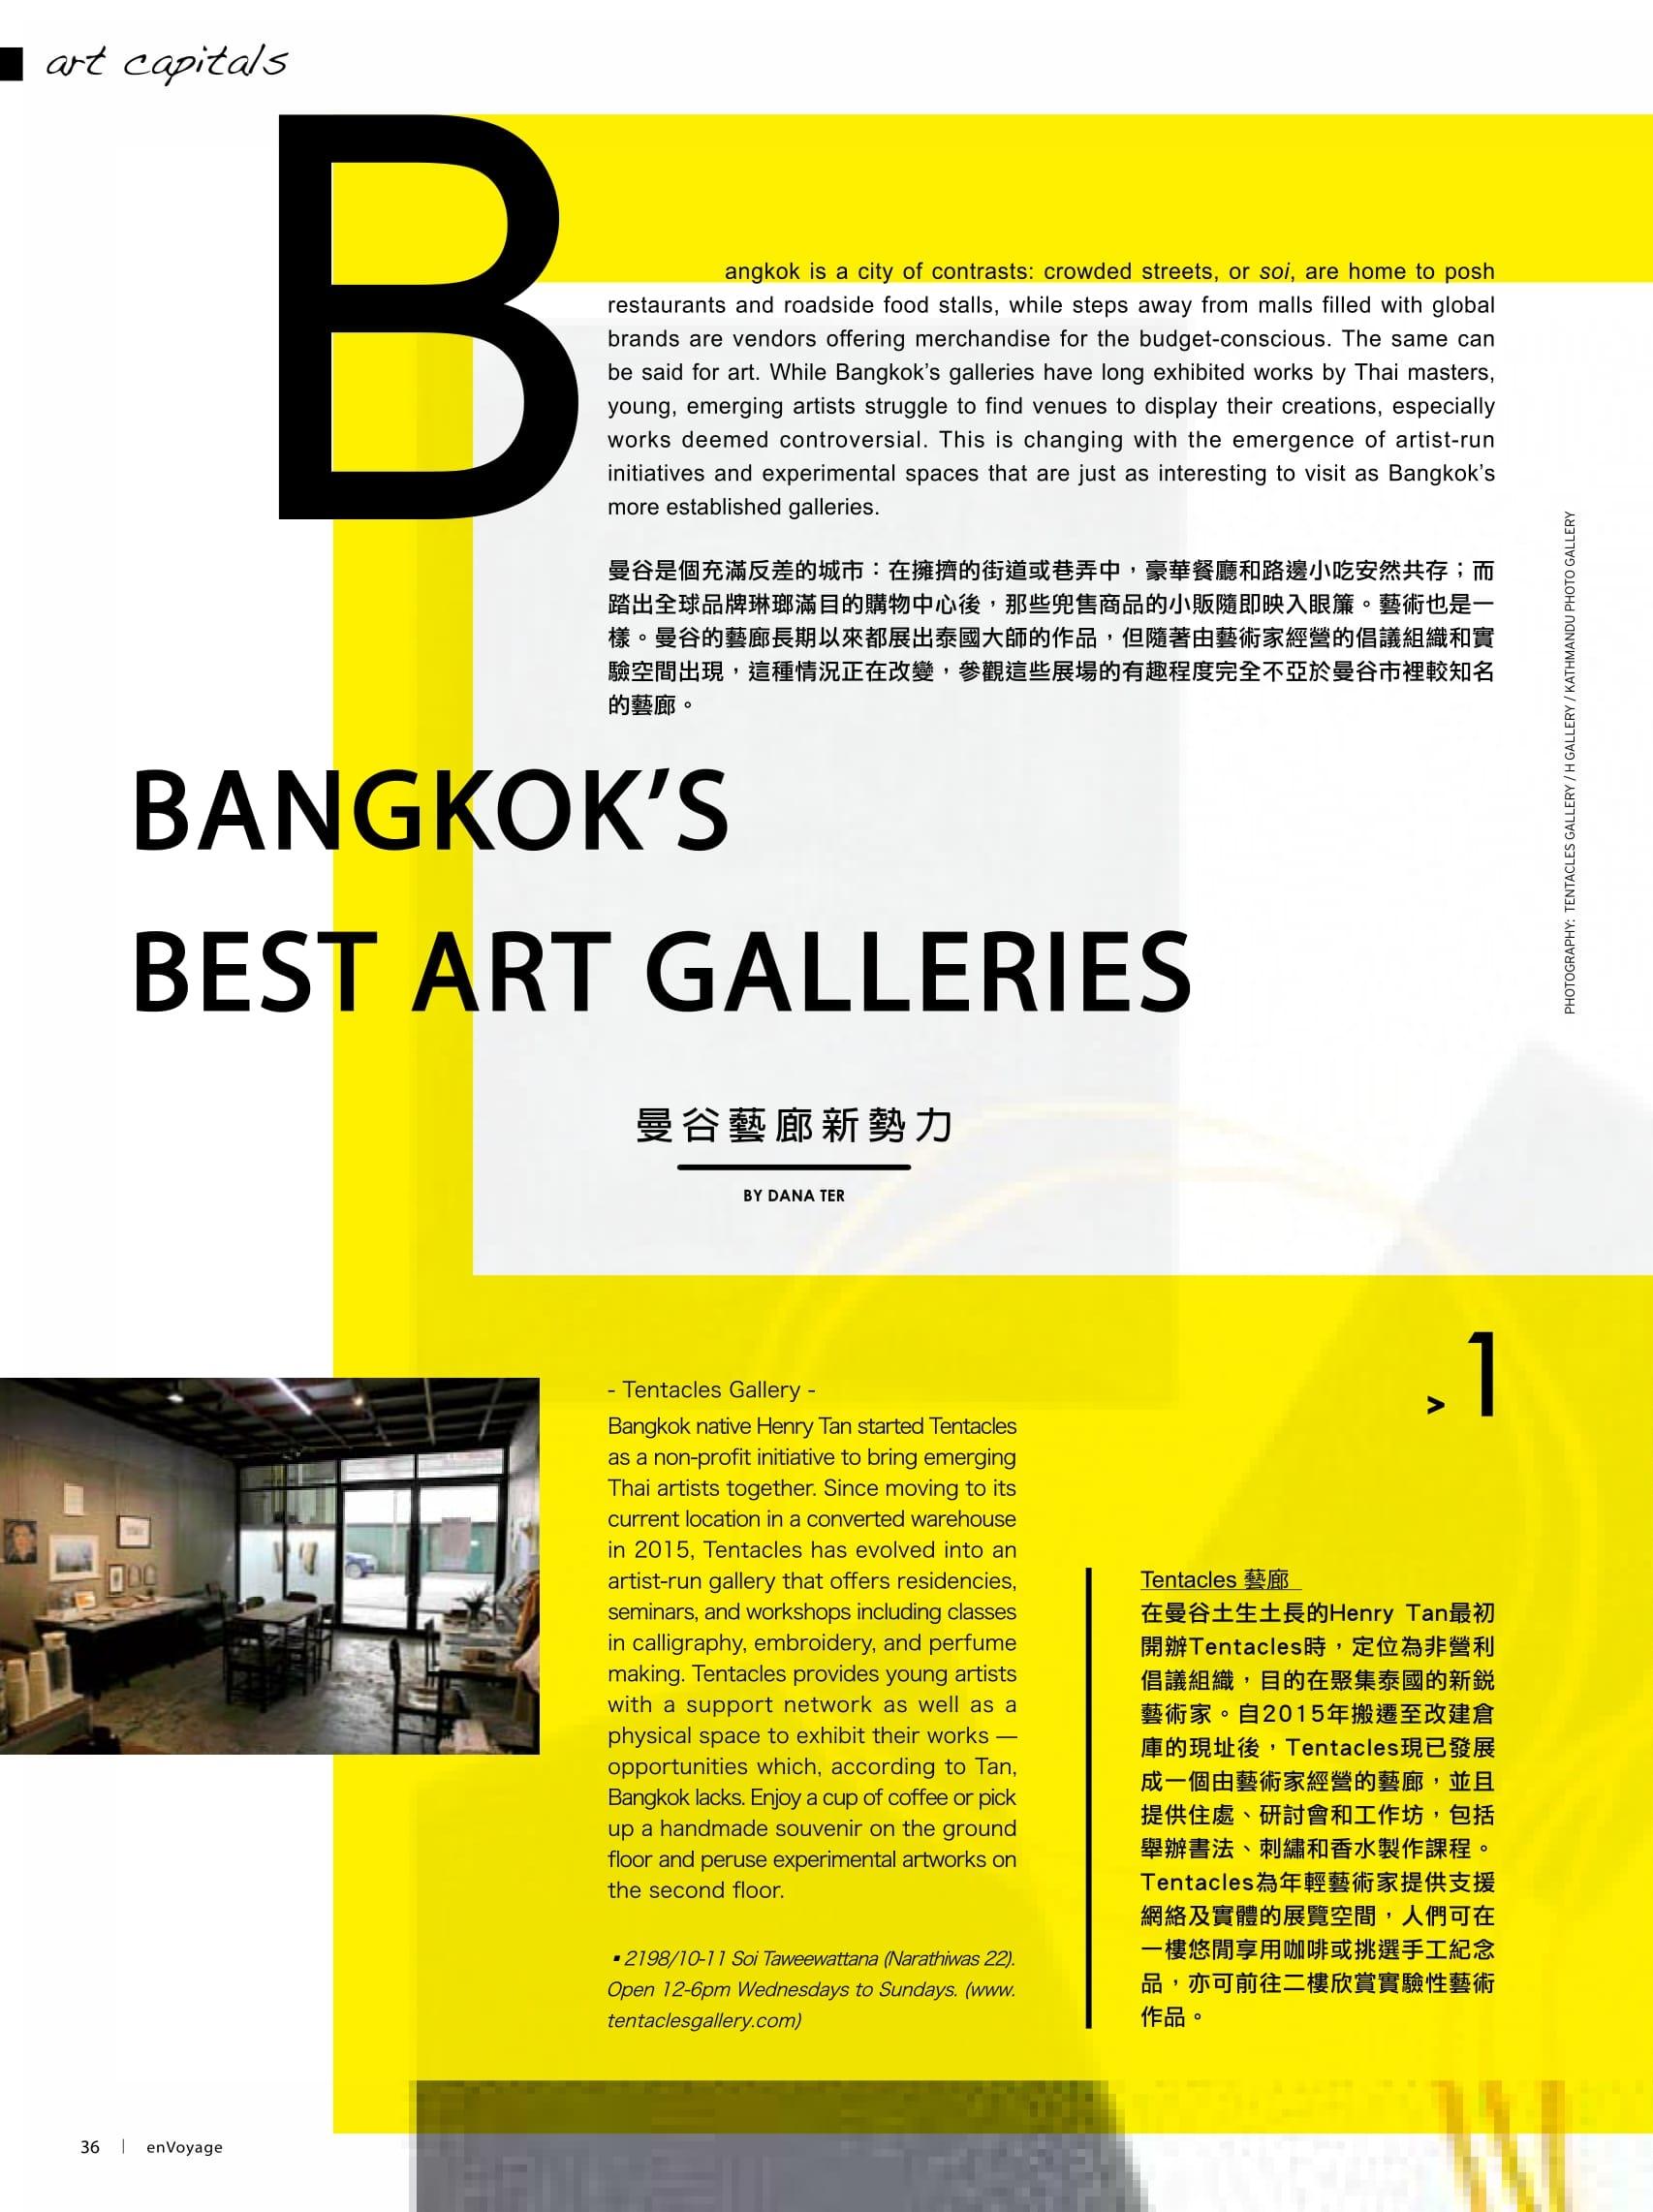 Bangkok art p36